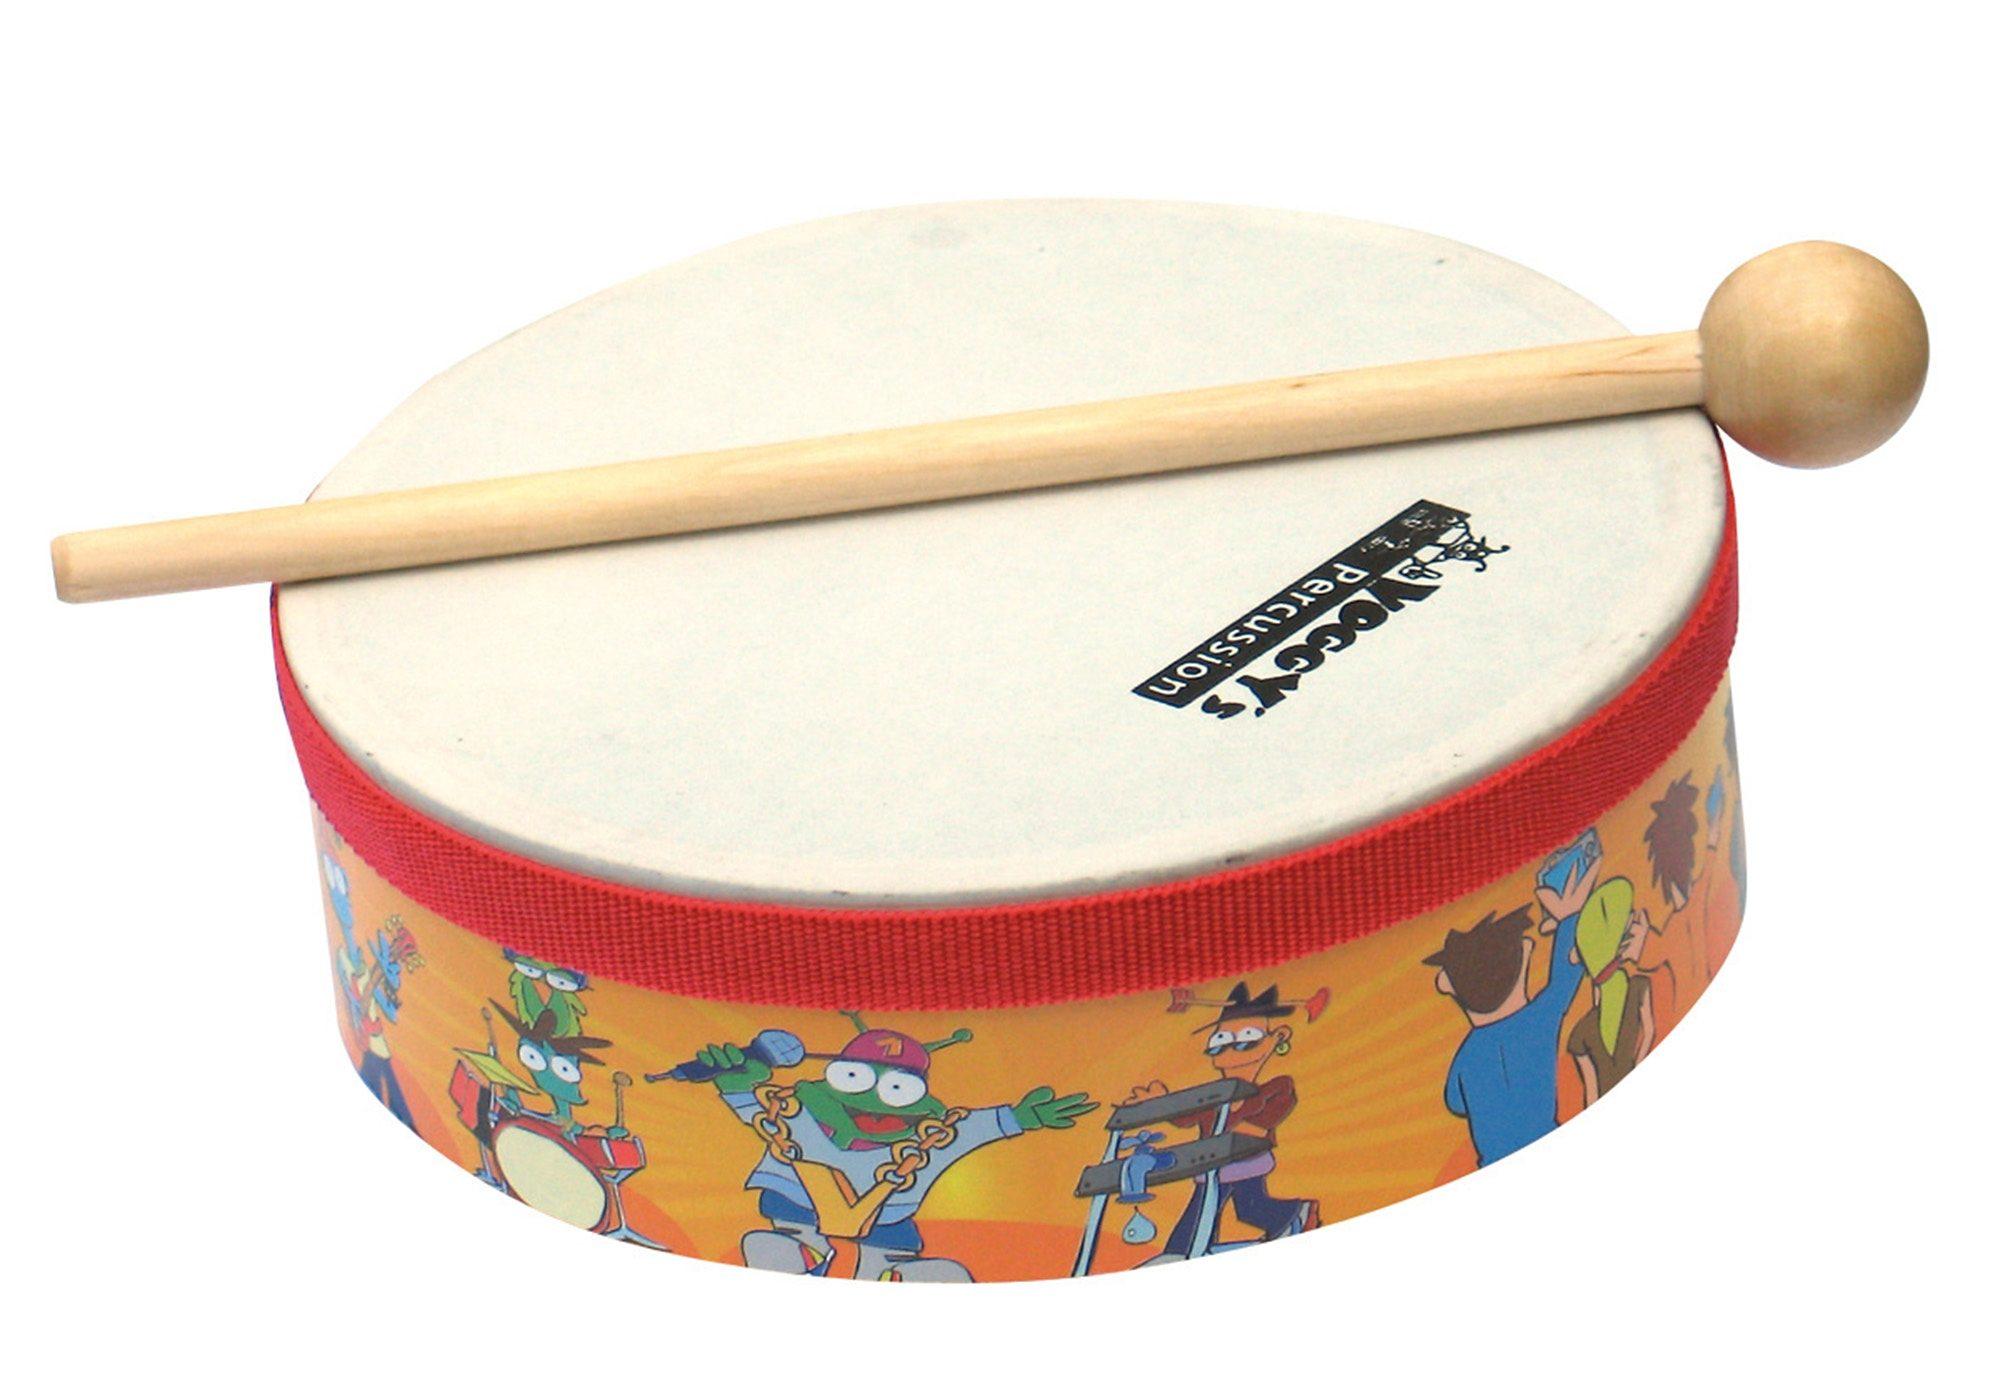 Trommel Die Krachmacher Musik Instrument Kindertrommel Spielzeug für Kinder Holzspielzeug